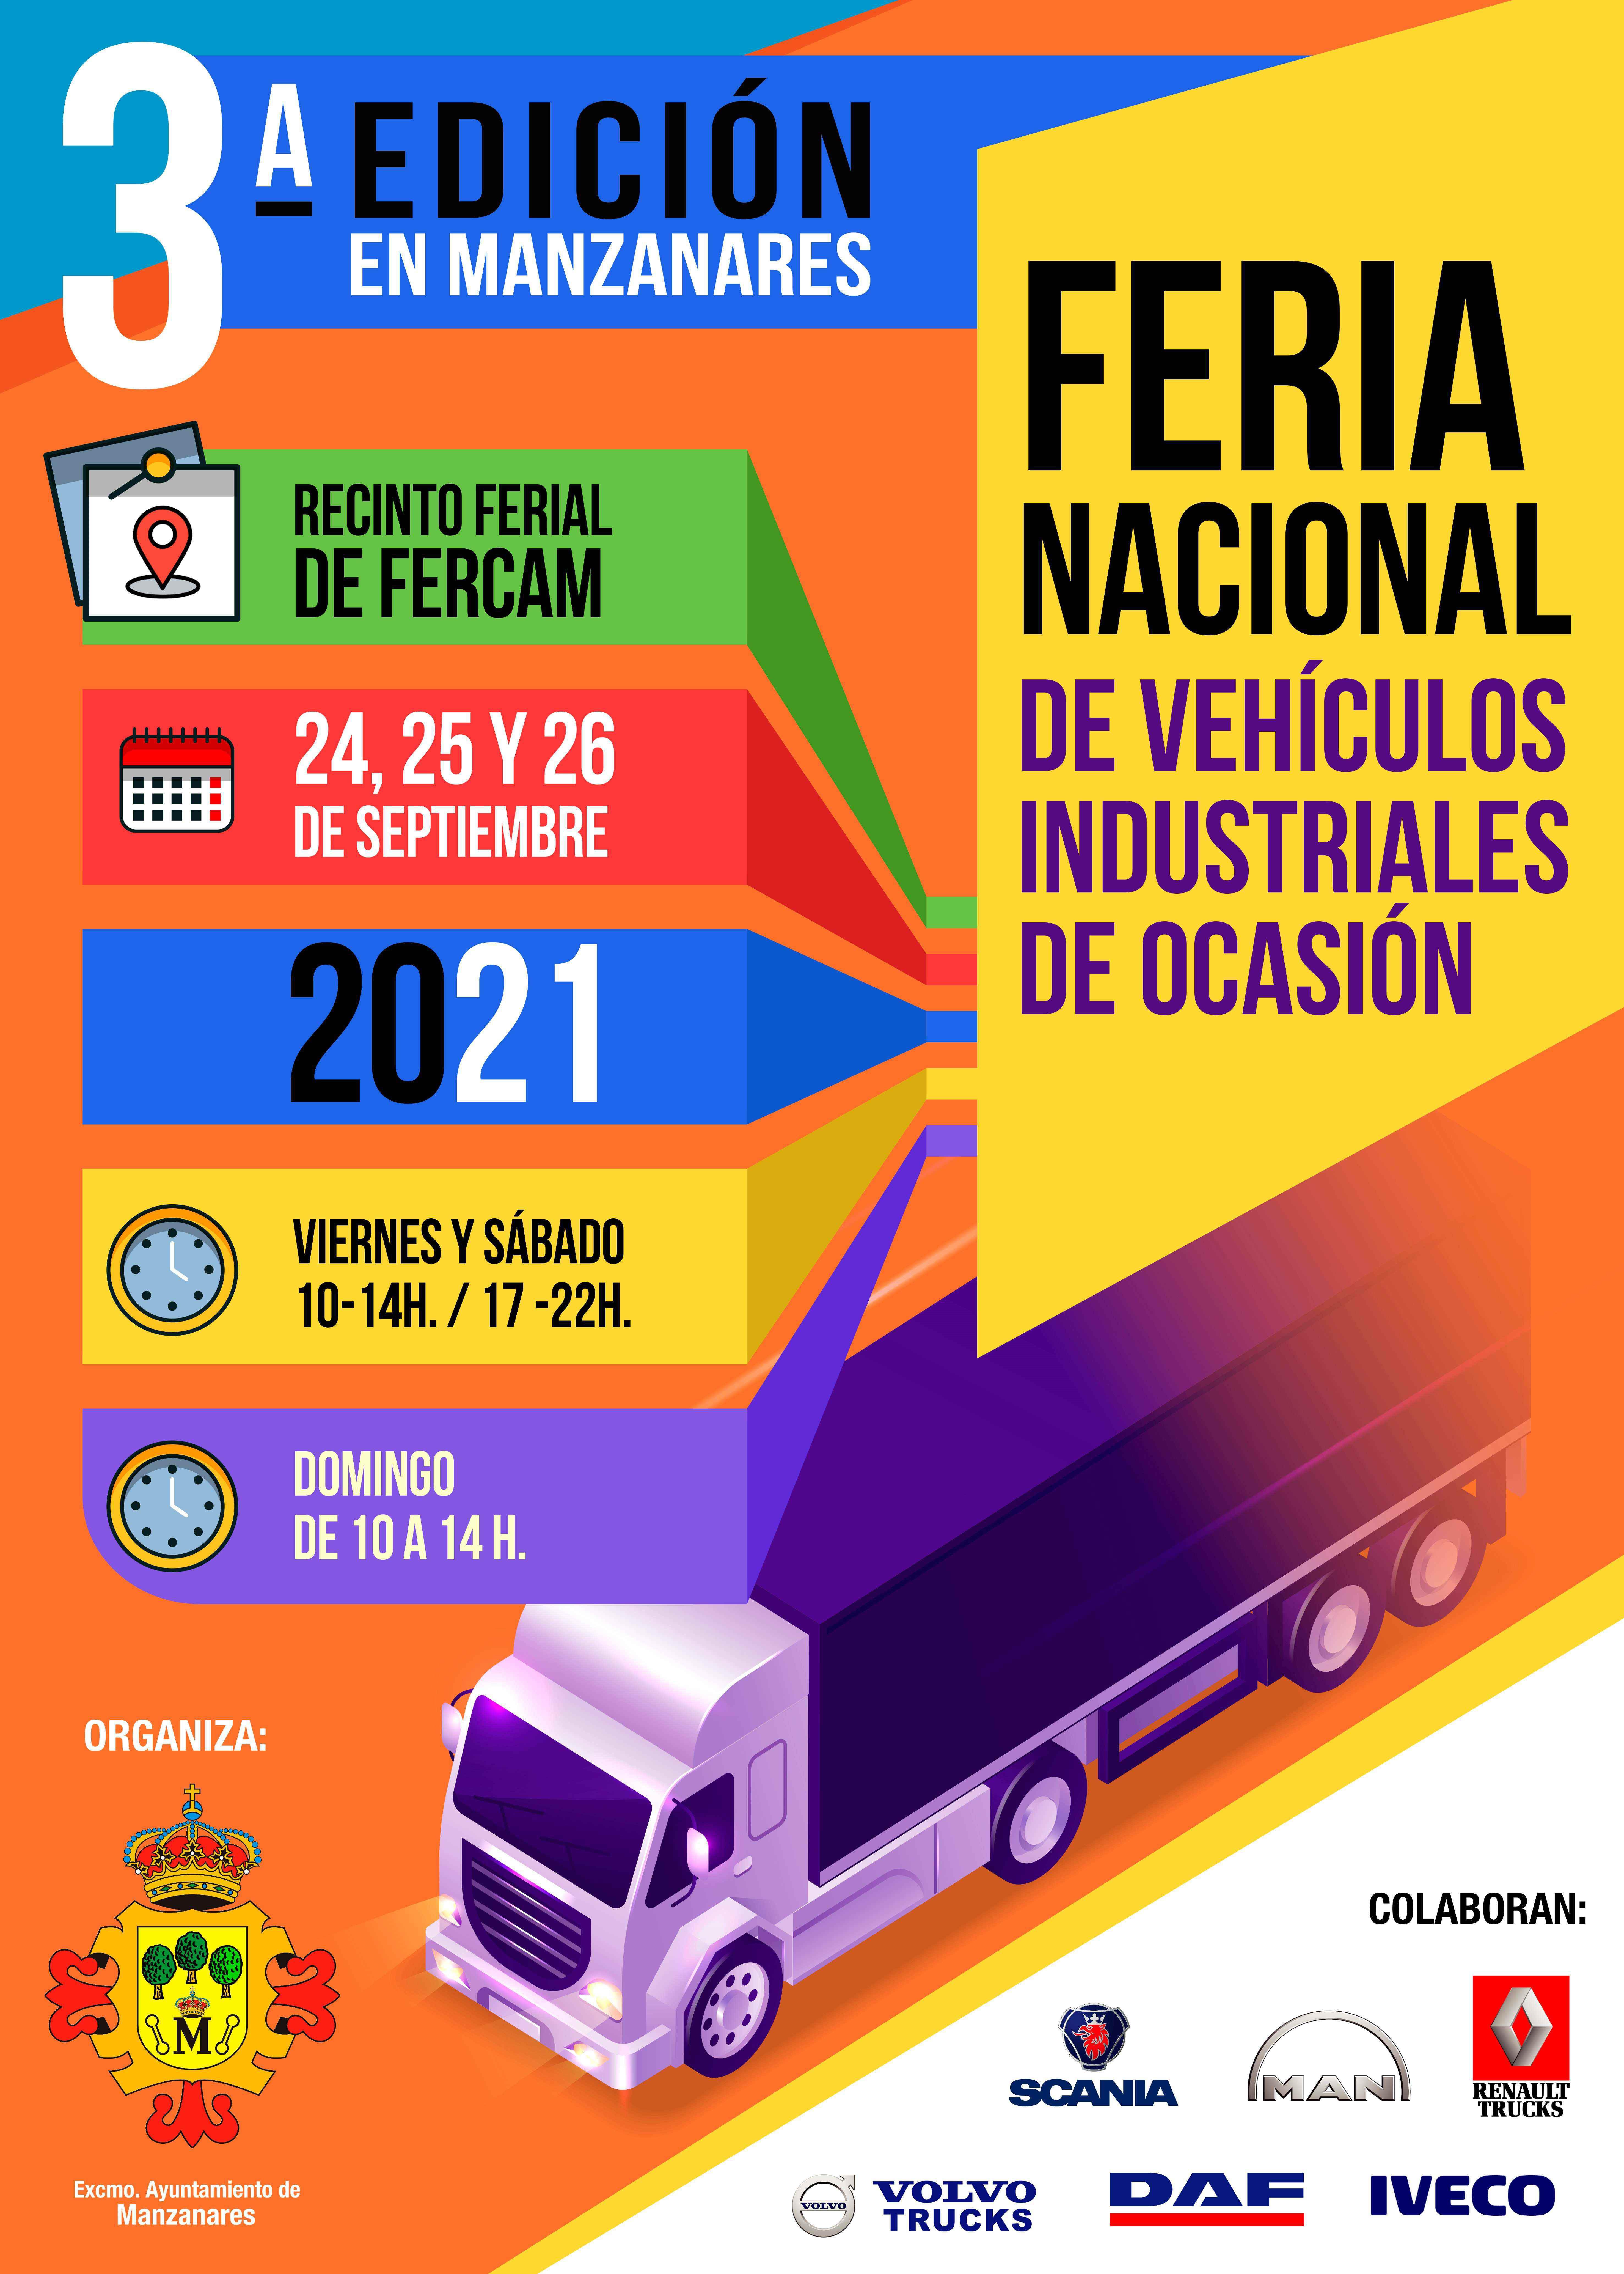 Feria Vehículos Industriales de ocación Manzanares